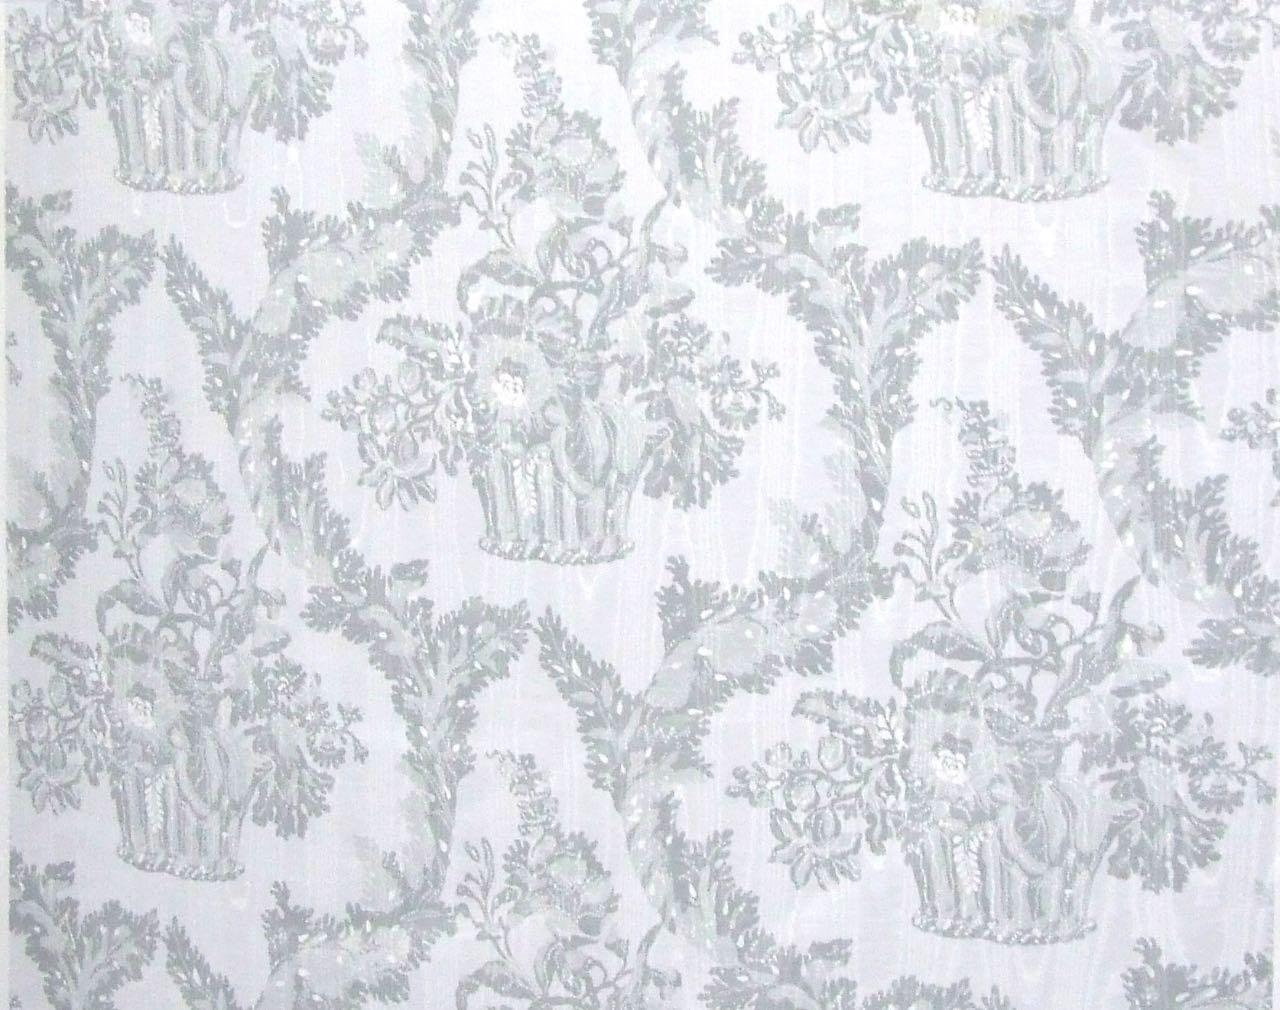 フランス生地 防炎加工 モアレ フラワープリント 《ラ・ヴァリエール》 クリーム & グレー